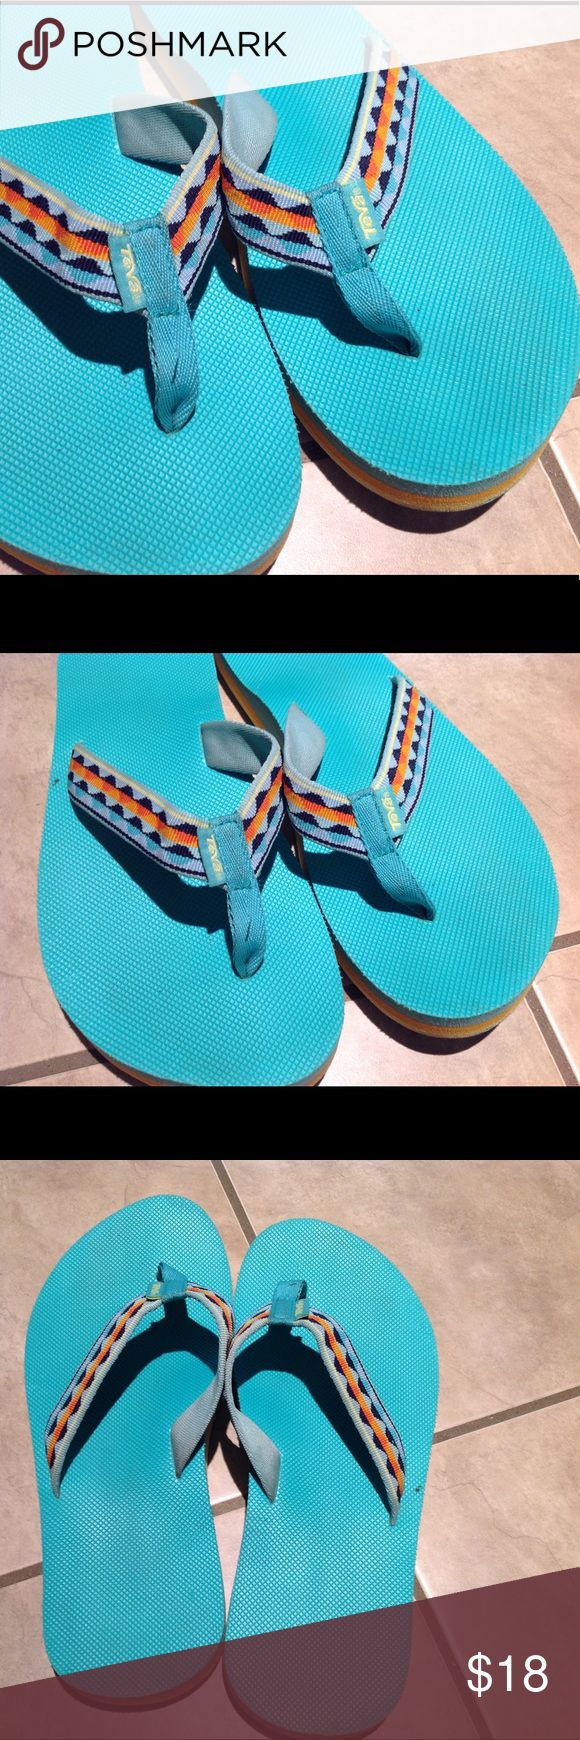 TEVA sandles Gently worn sandles. Green. Teva Shoes Sandals